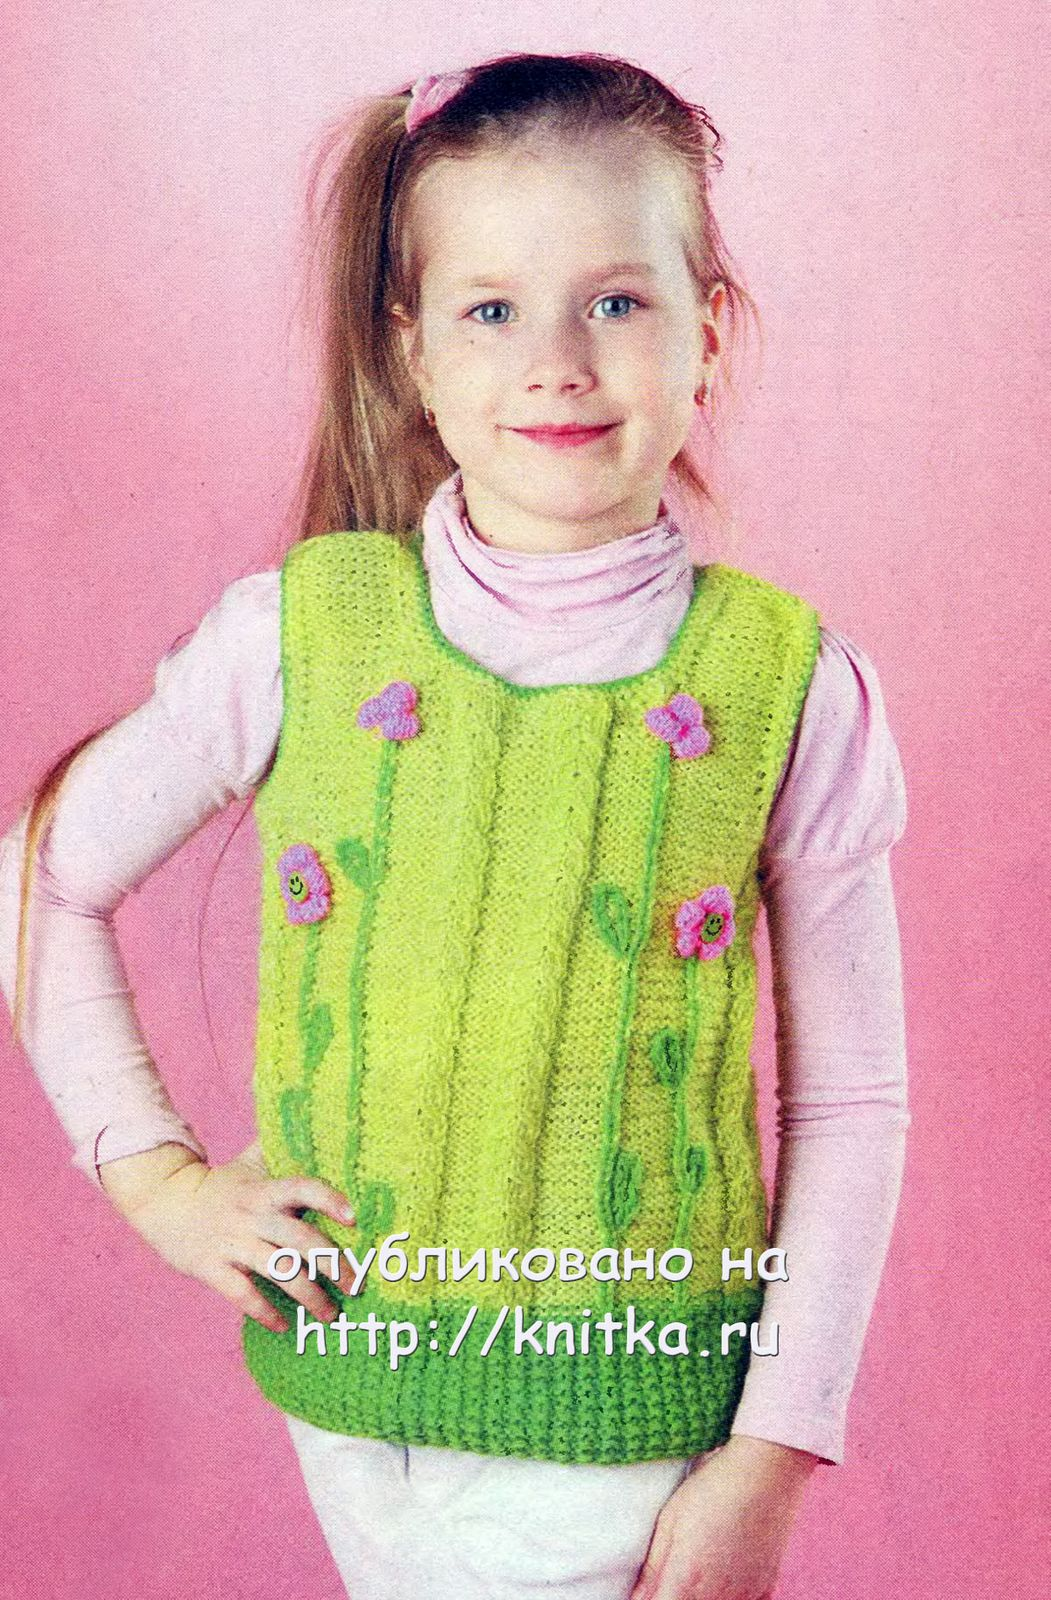 Вязание на спицах для детей шапочки размер